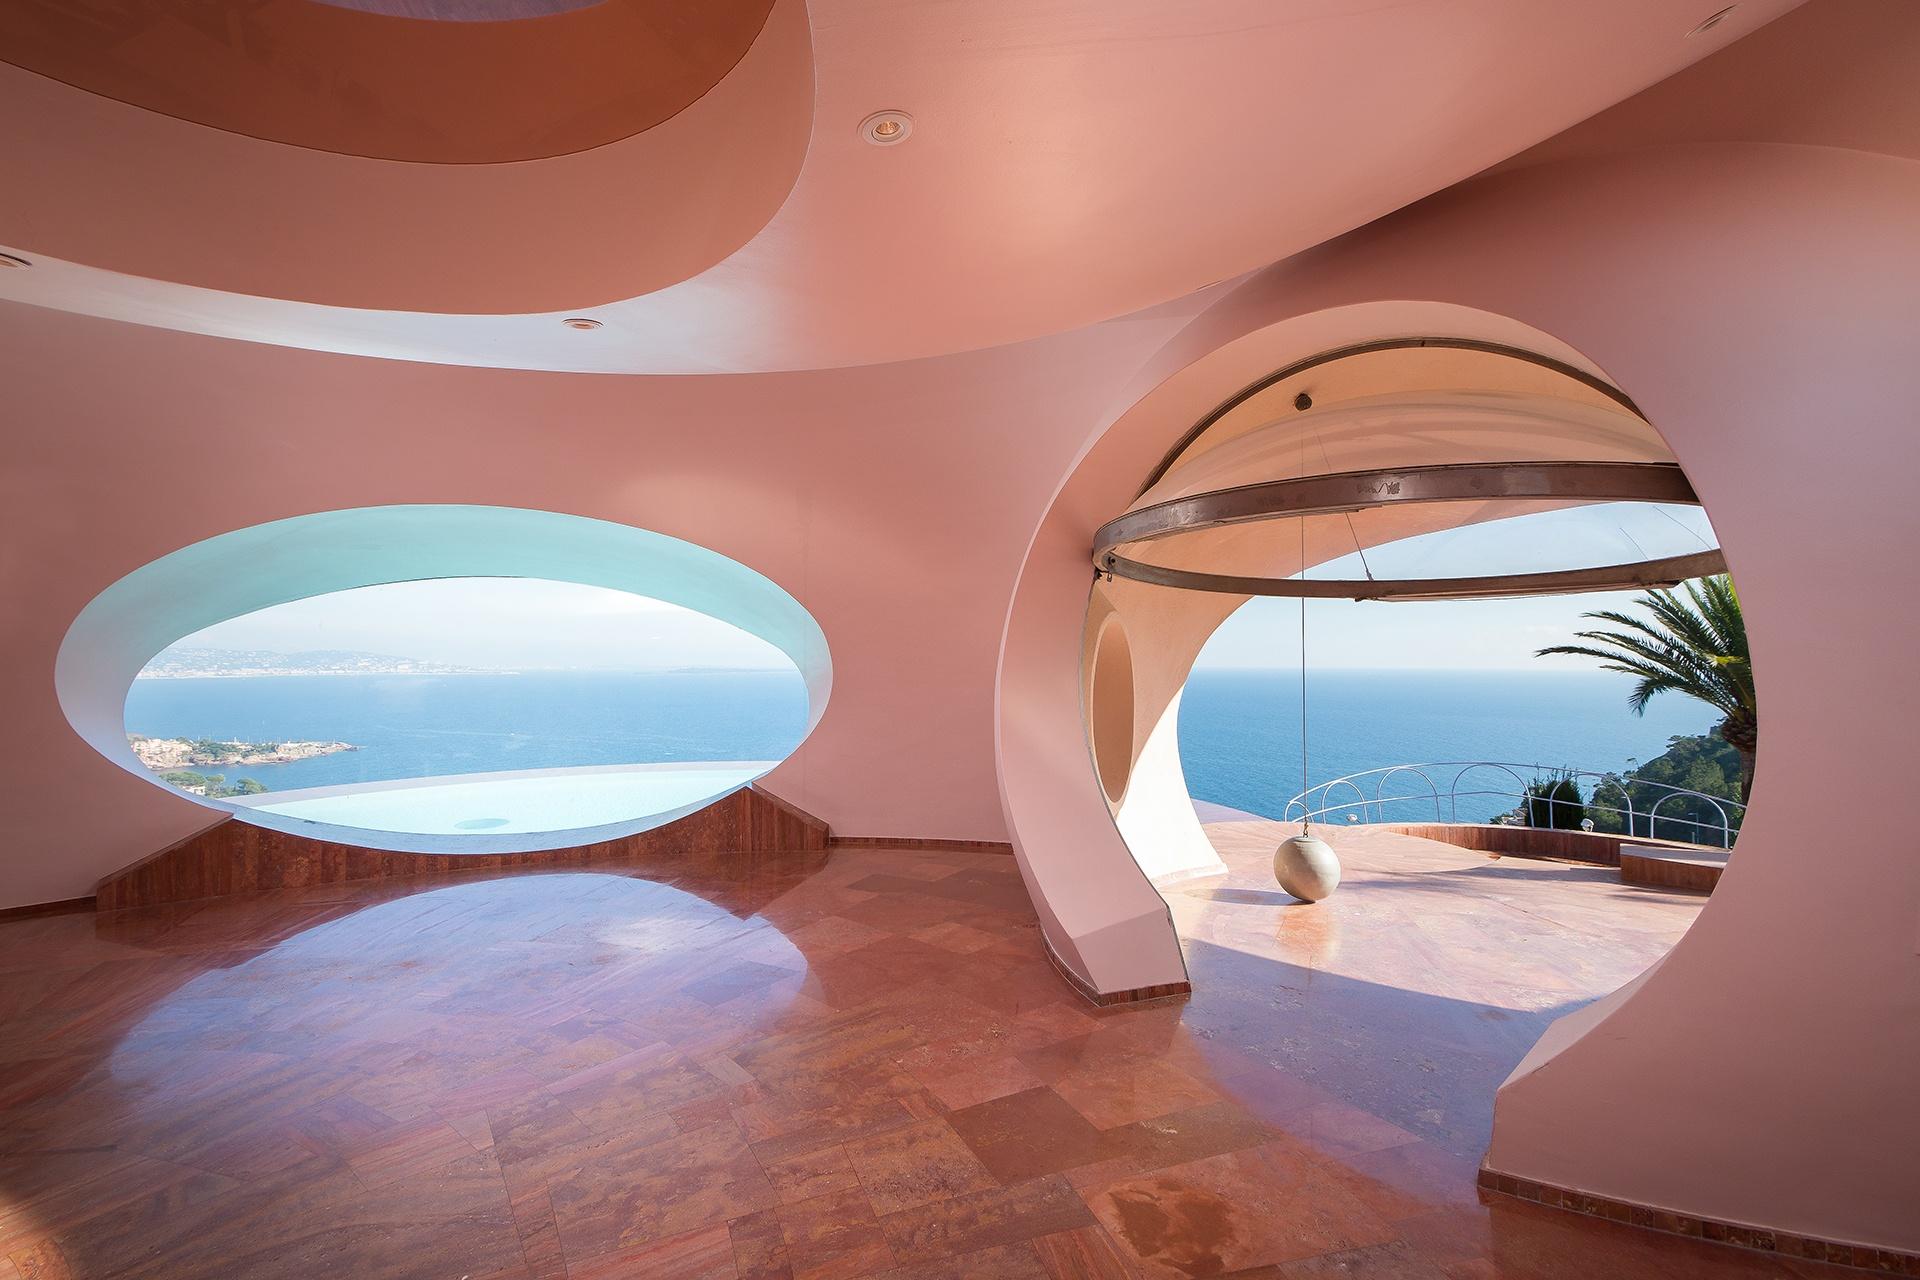 Le Palais Bulles (Bubble Palace) in Côte d'Azur represented by Michaël Zingraf Real Estate